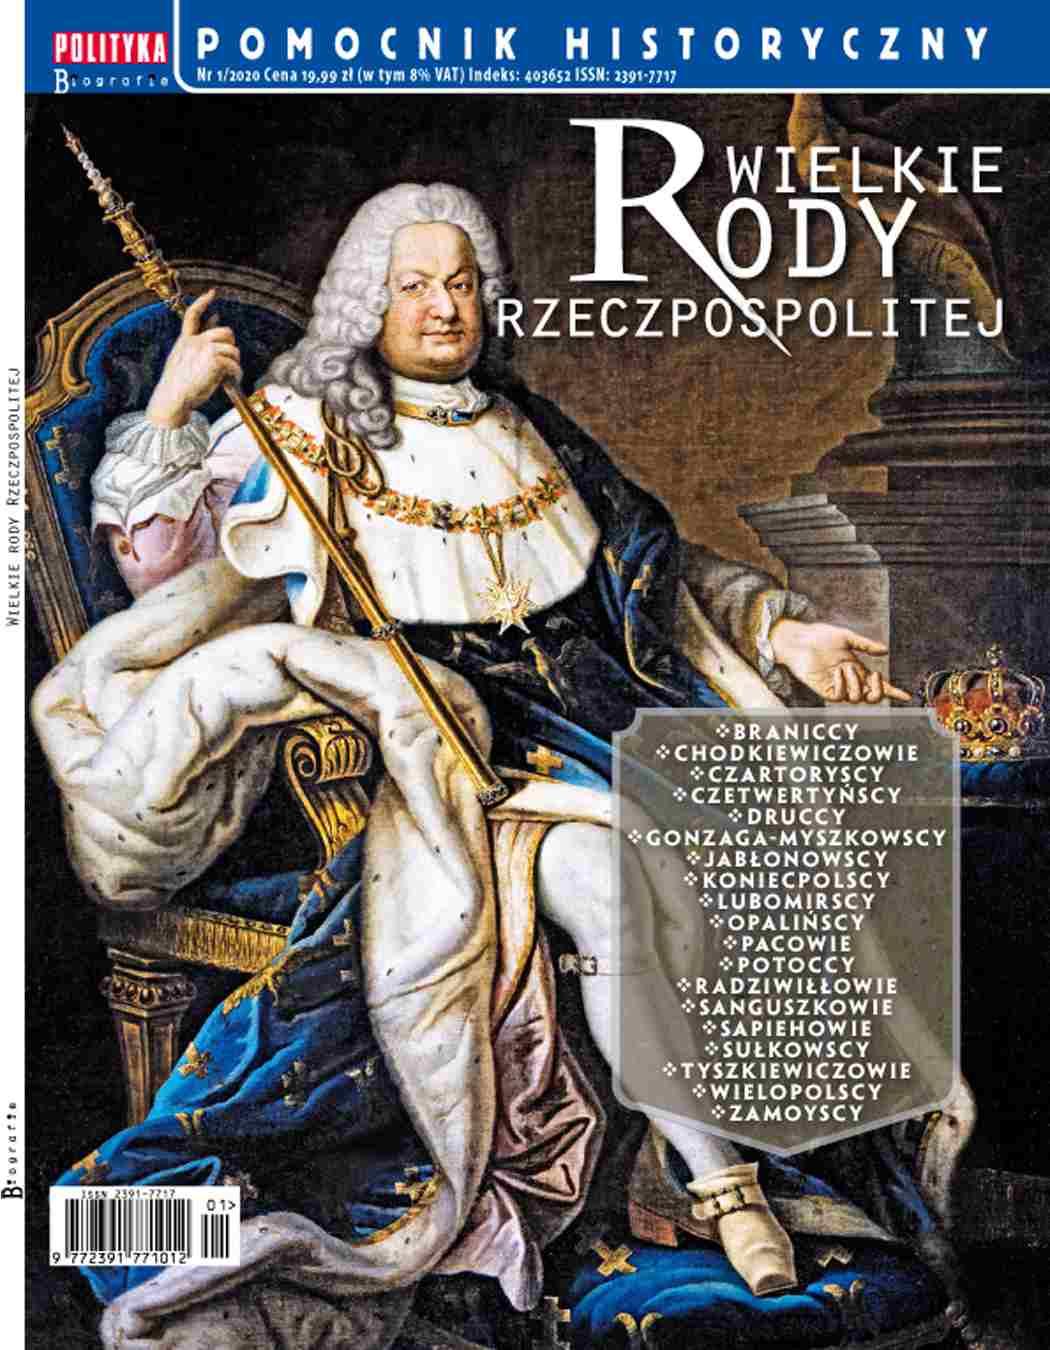 Pomocnik Historyczny. Wielkie rody Rzeczpospolitej 1/2020 - Ebook (Książka PDF) do pobrania w formacie PDF